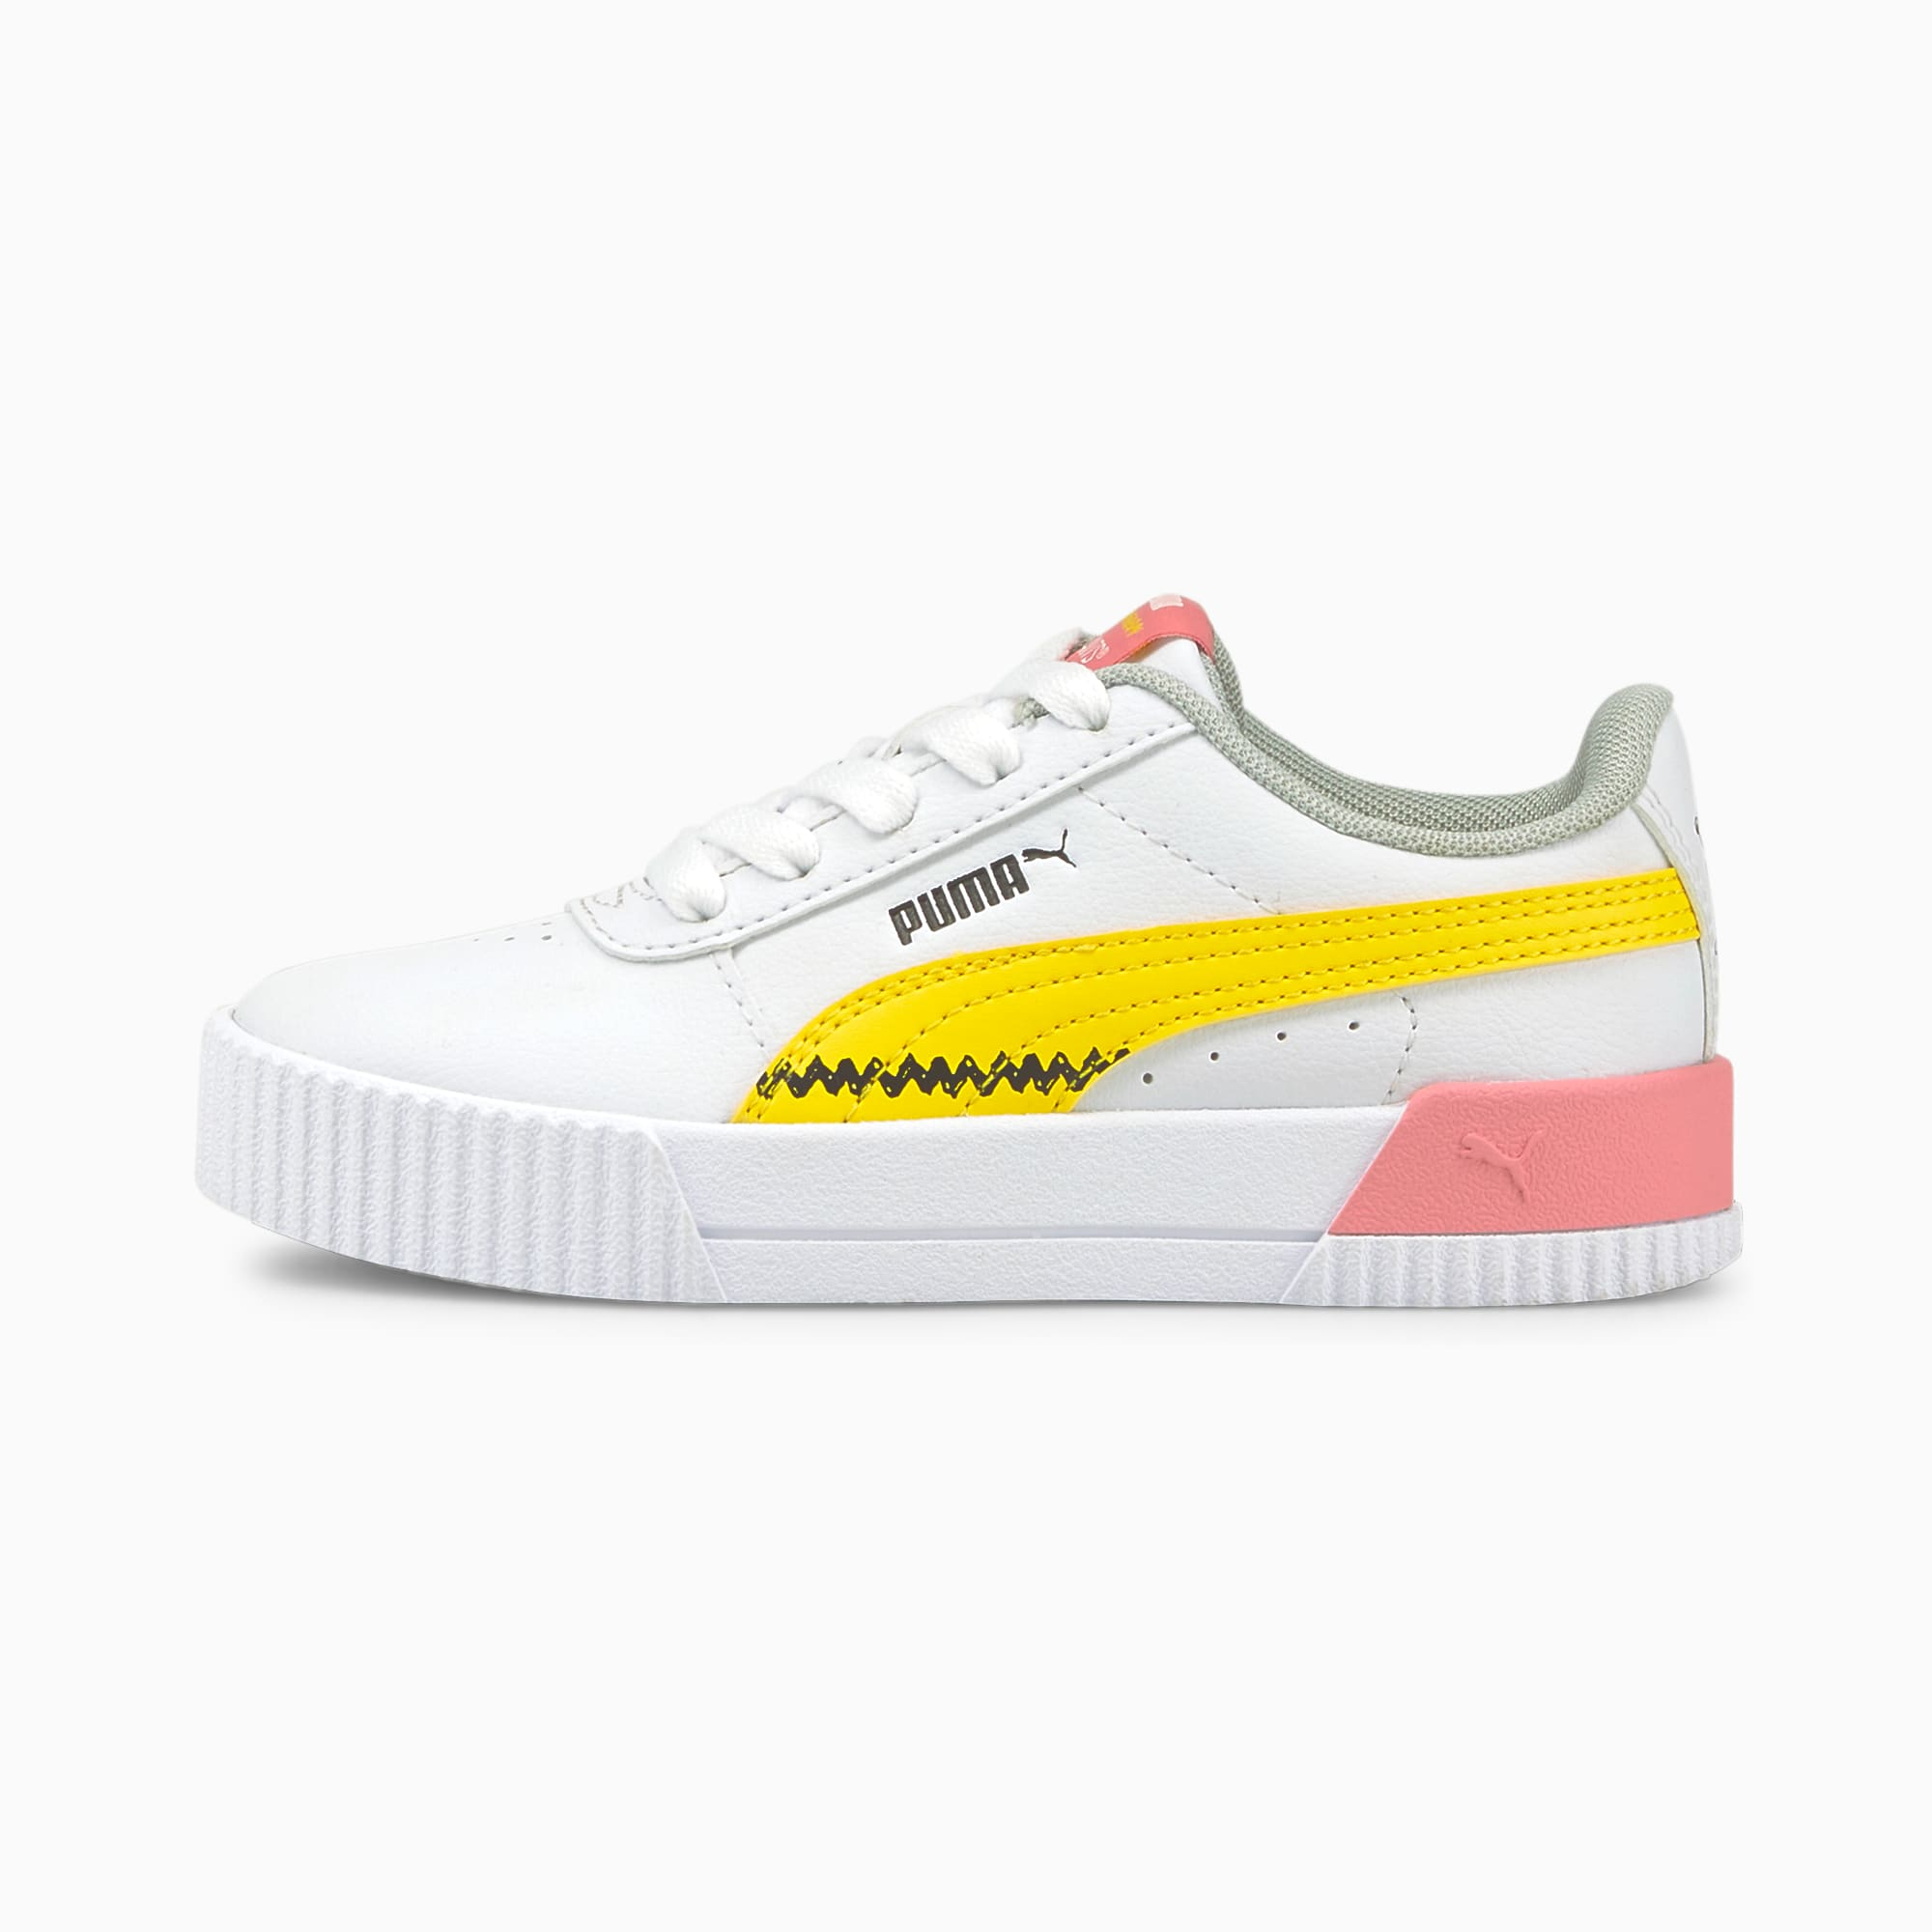 PUMA x PEANUTS Carina Little Kids' Sneakers